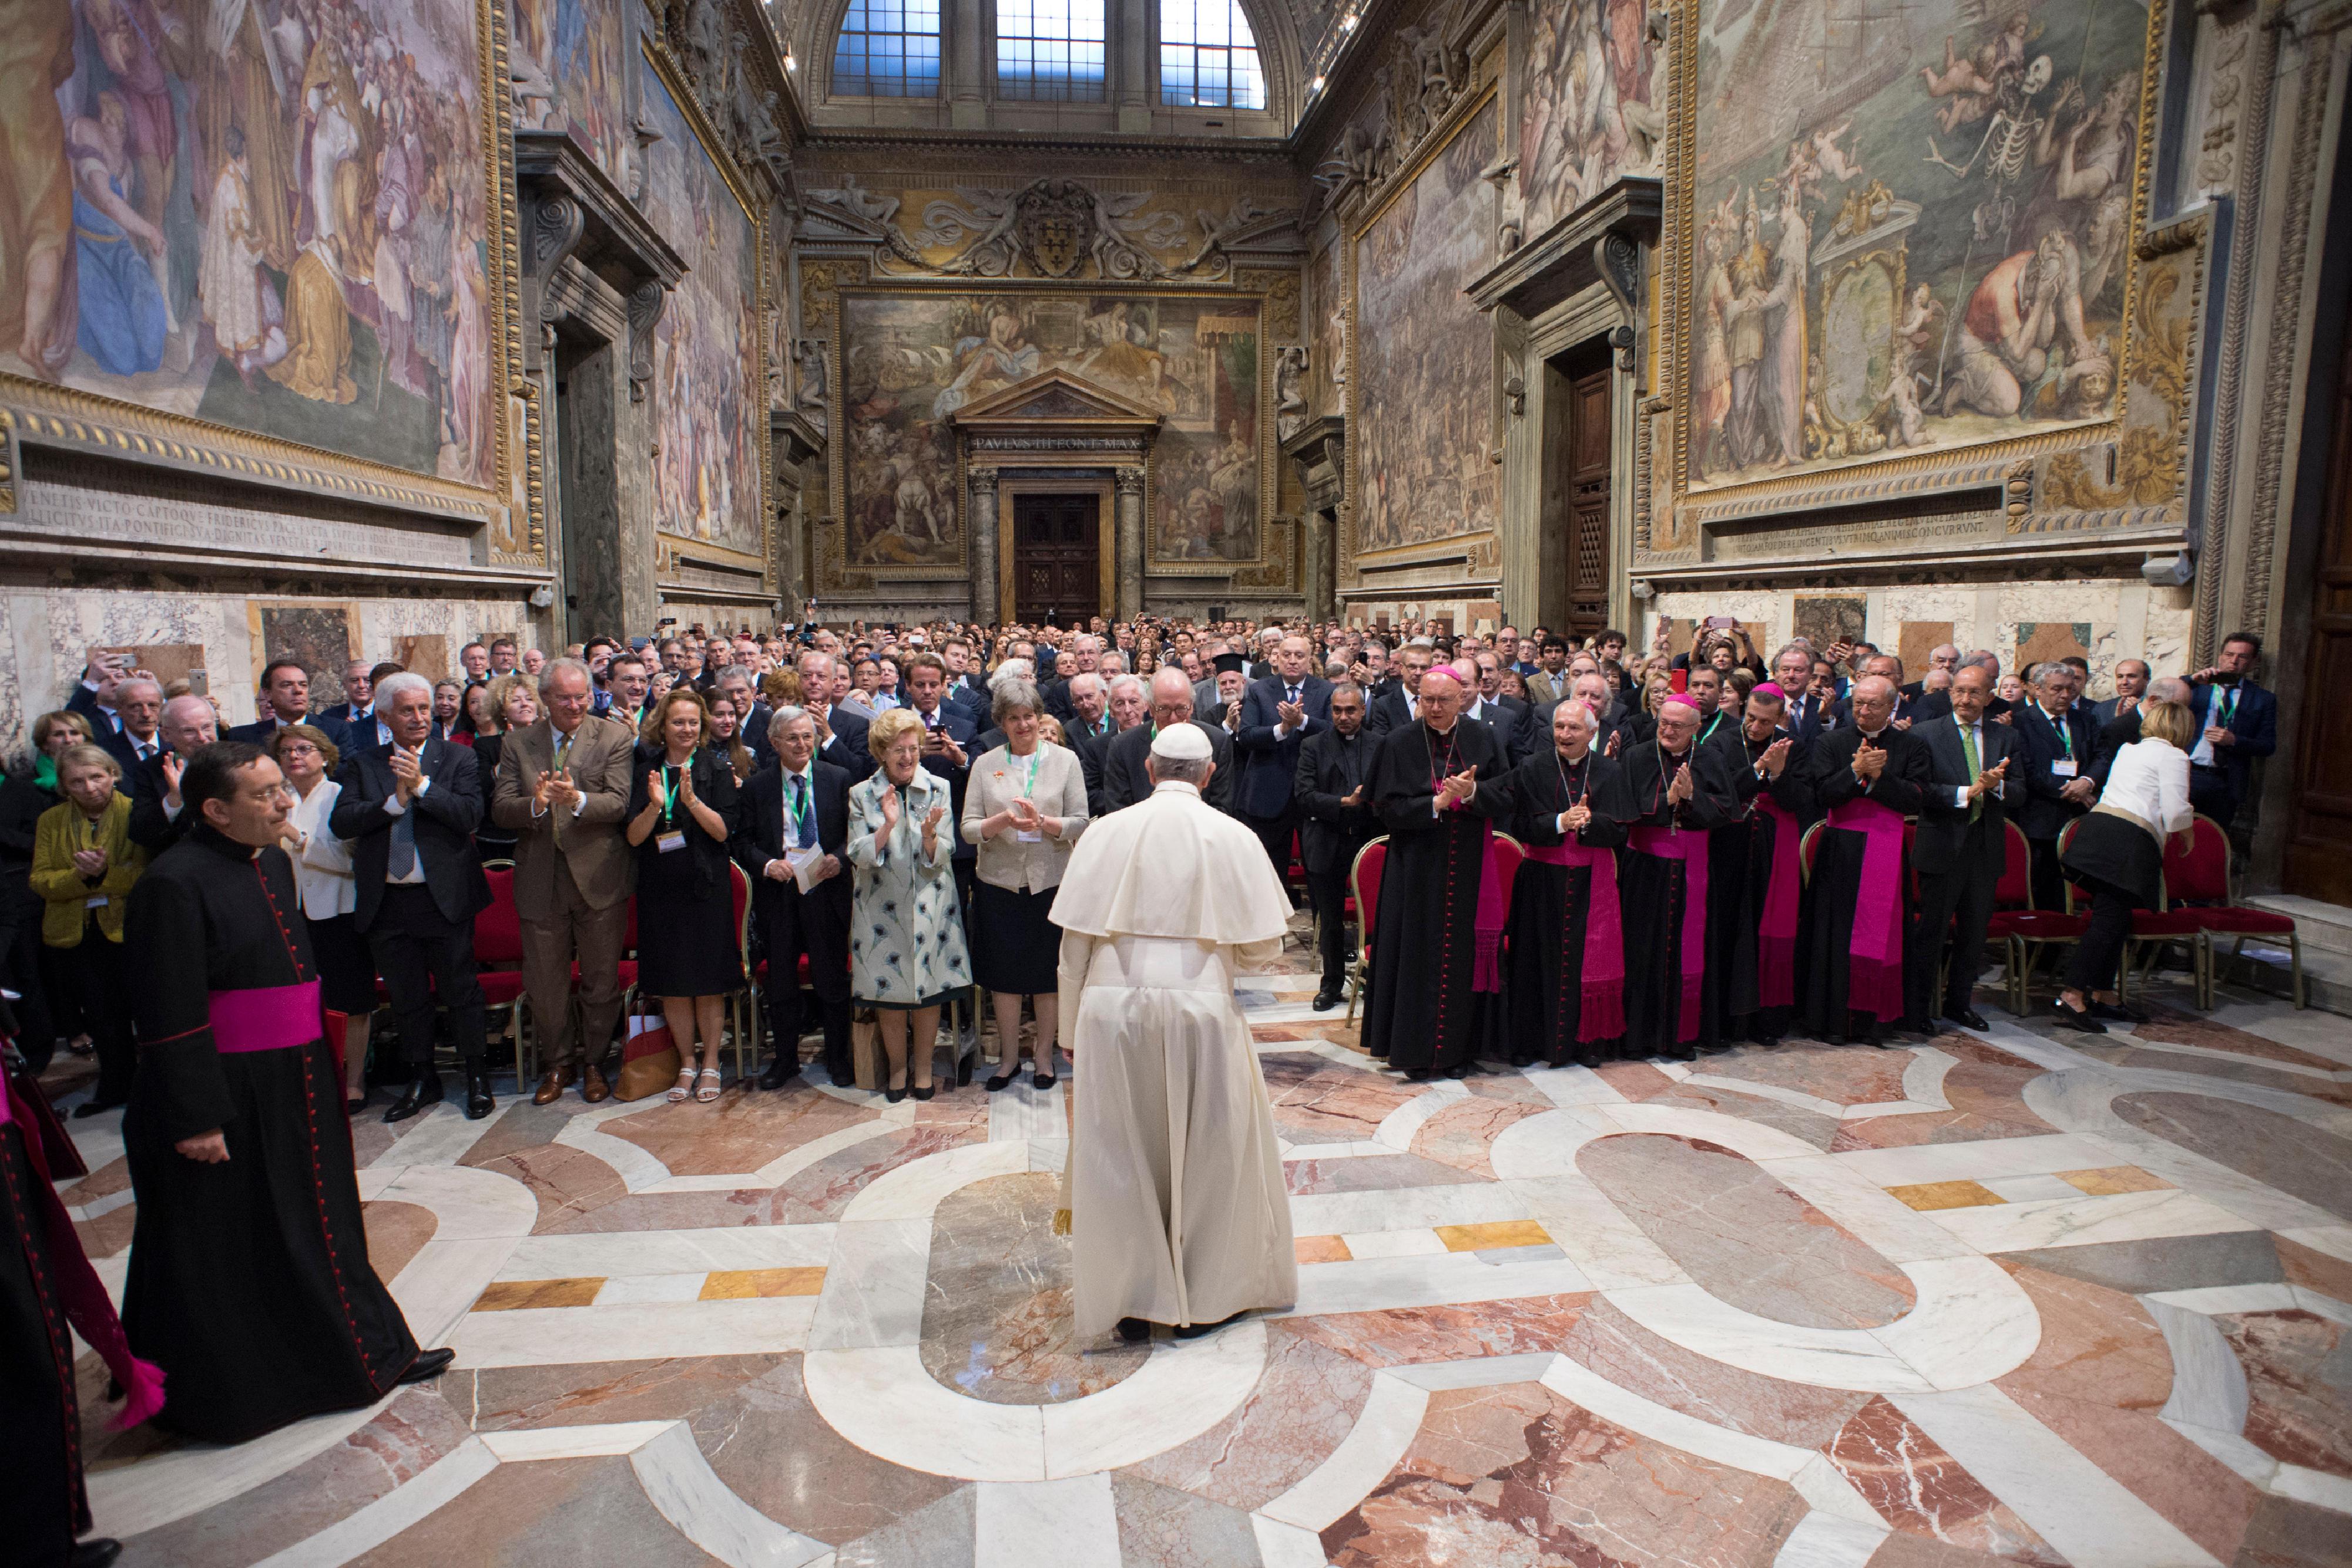 Audiencia con los miembros de la Fundación Centesimus Annus - Pro Pontifice © Vatican Media